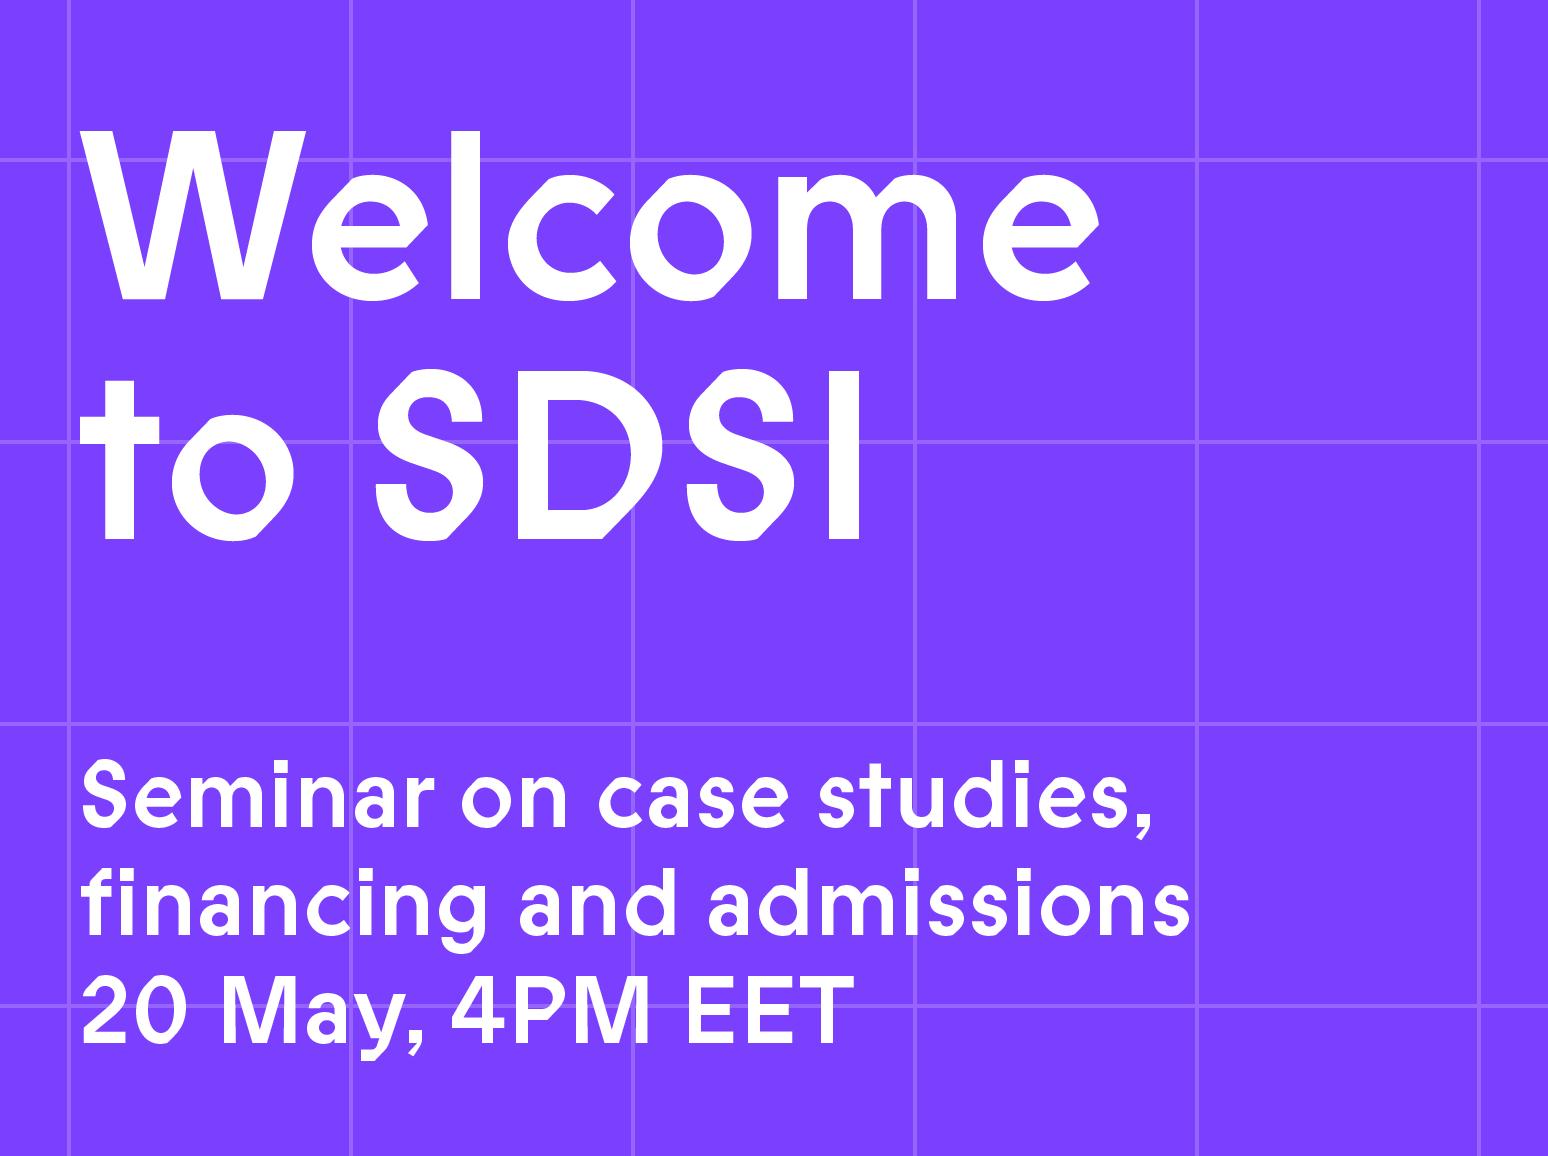 Join the SDSI seminar on May 20 at 4 p.m. EET!